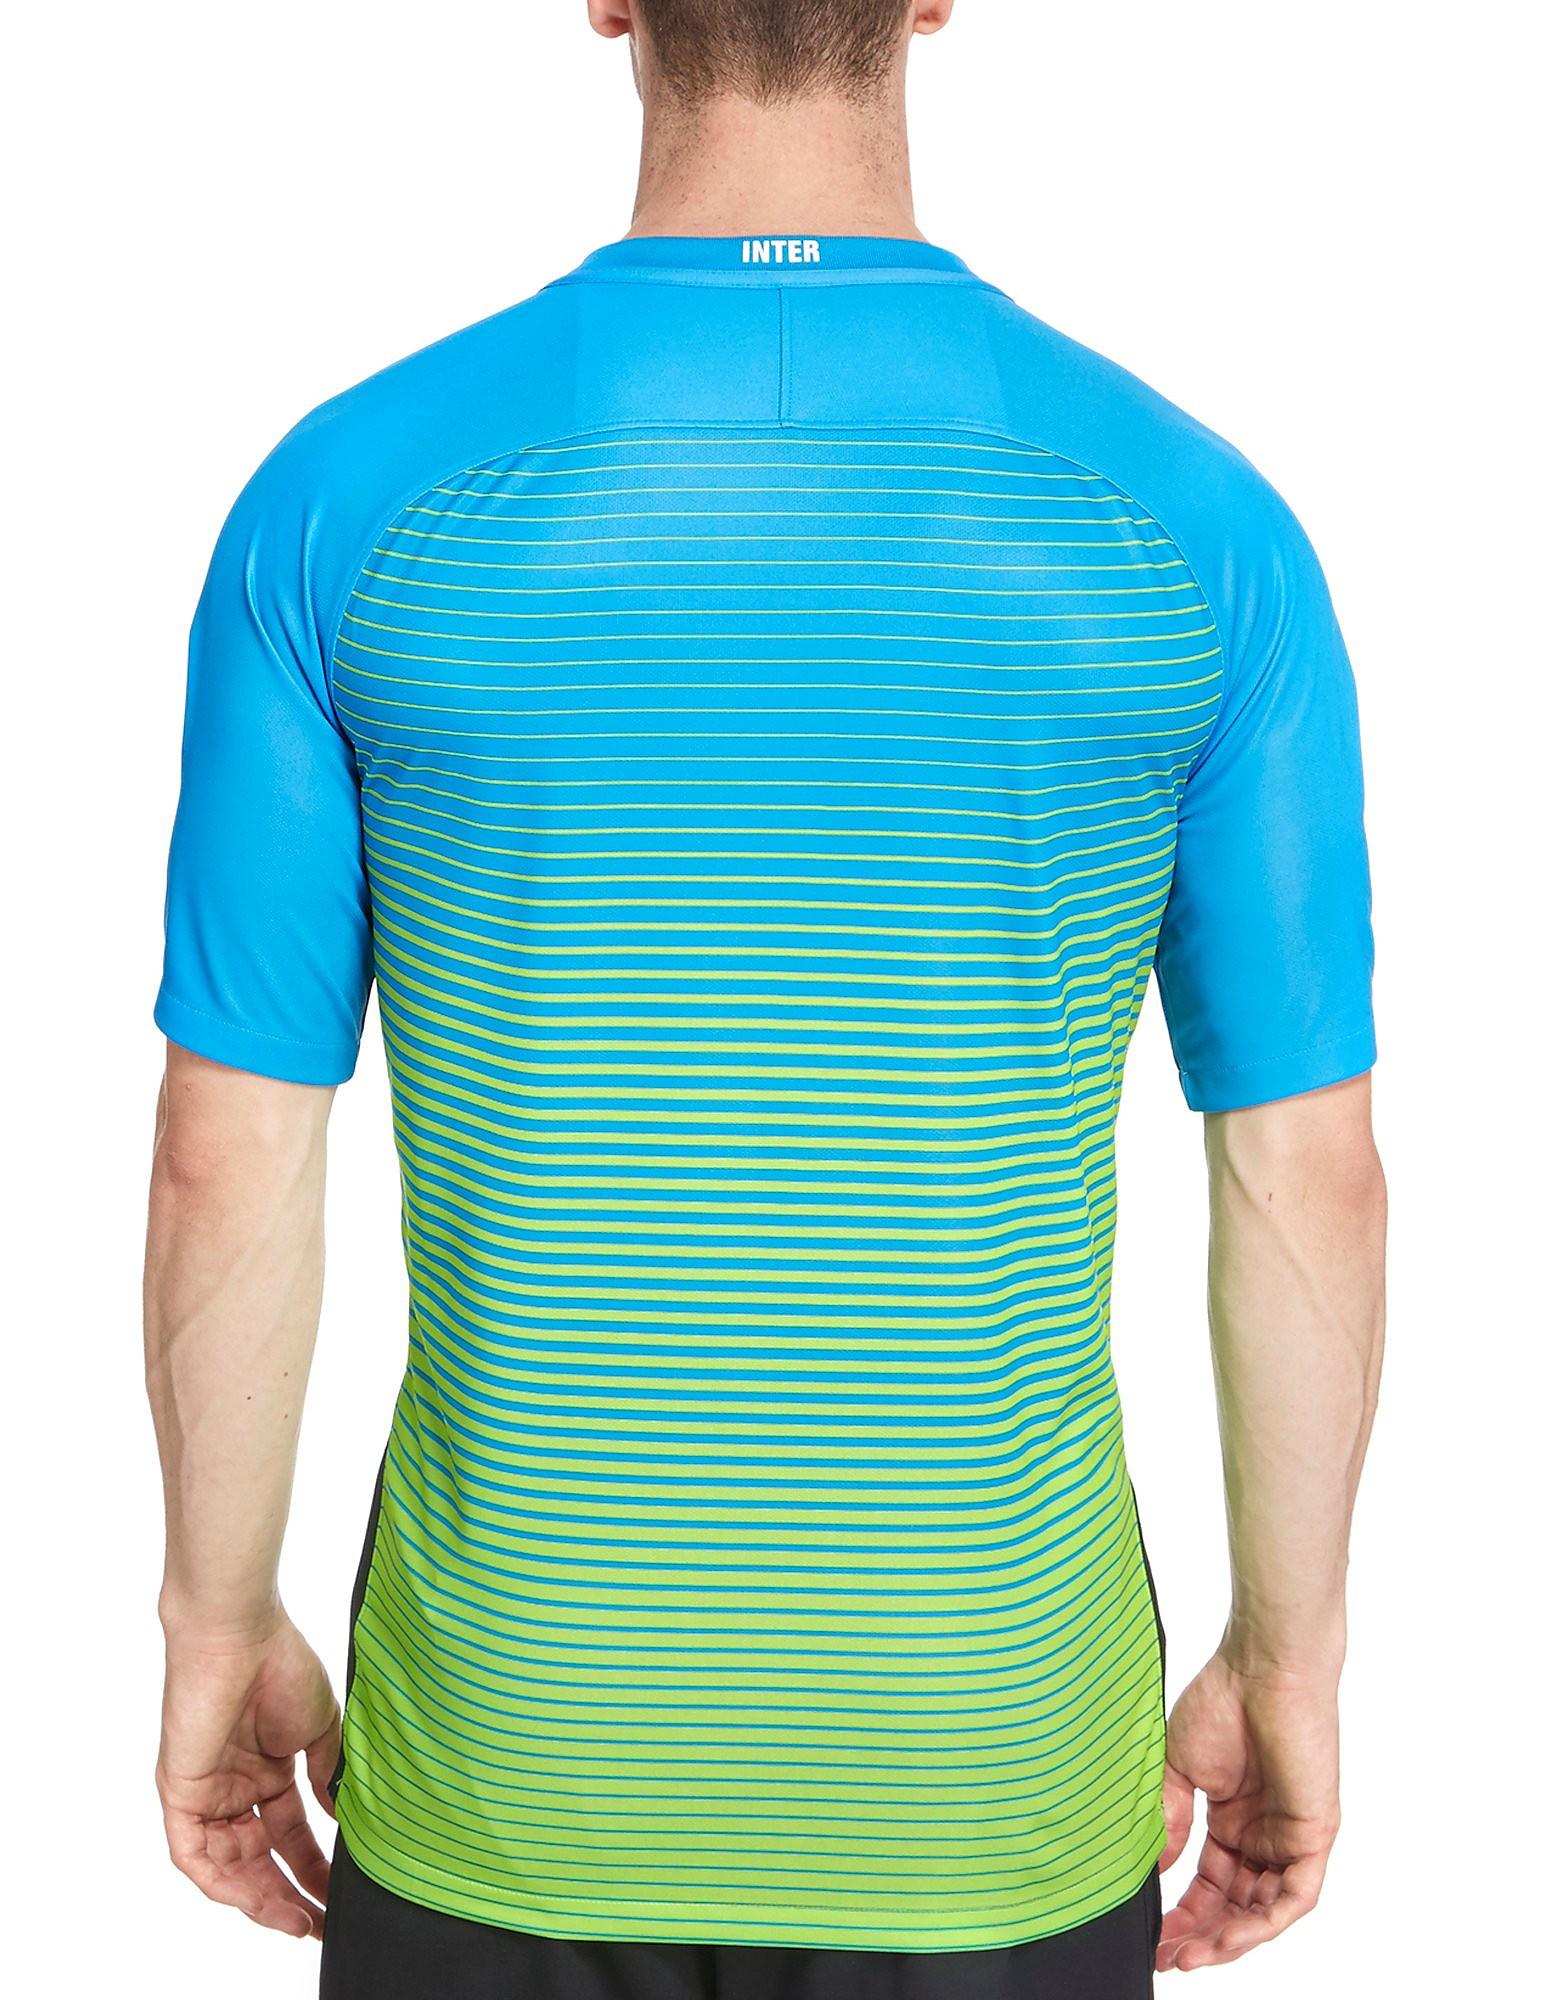 Nike Inter Milan 2016/17 Third Shirt